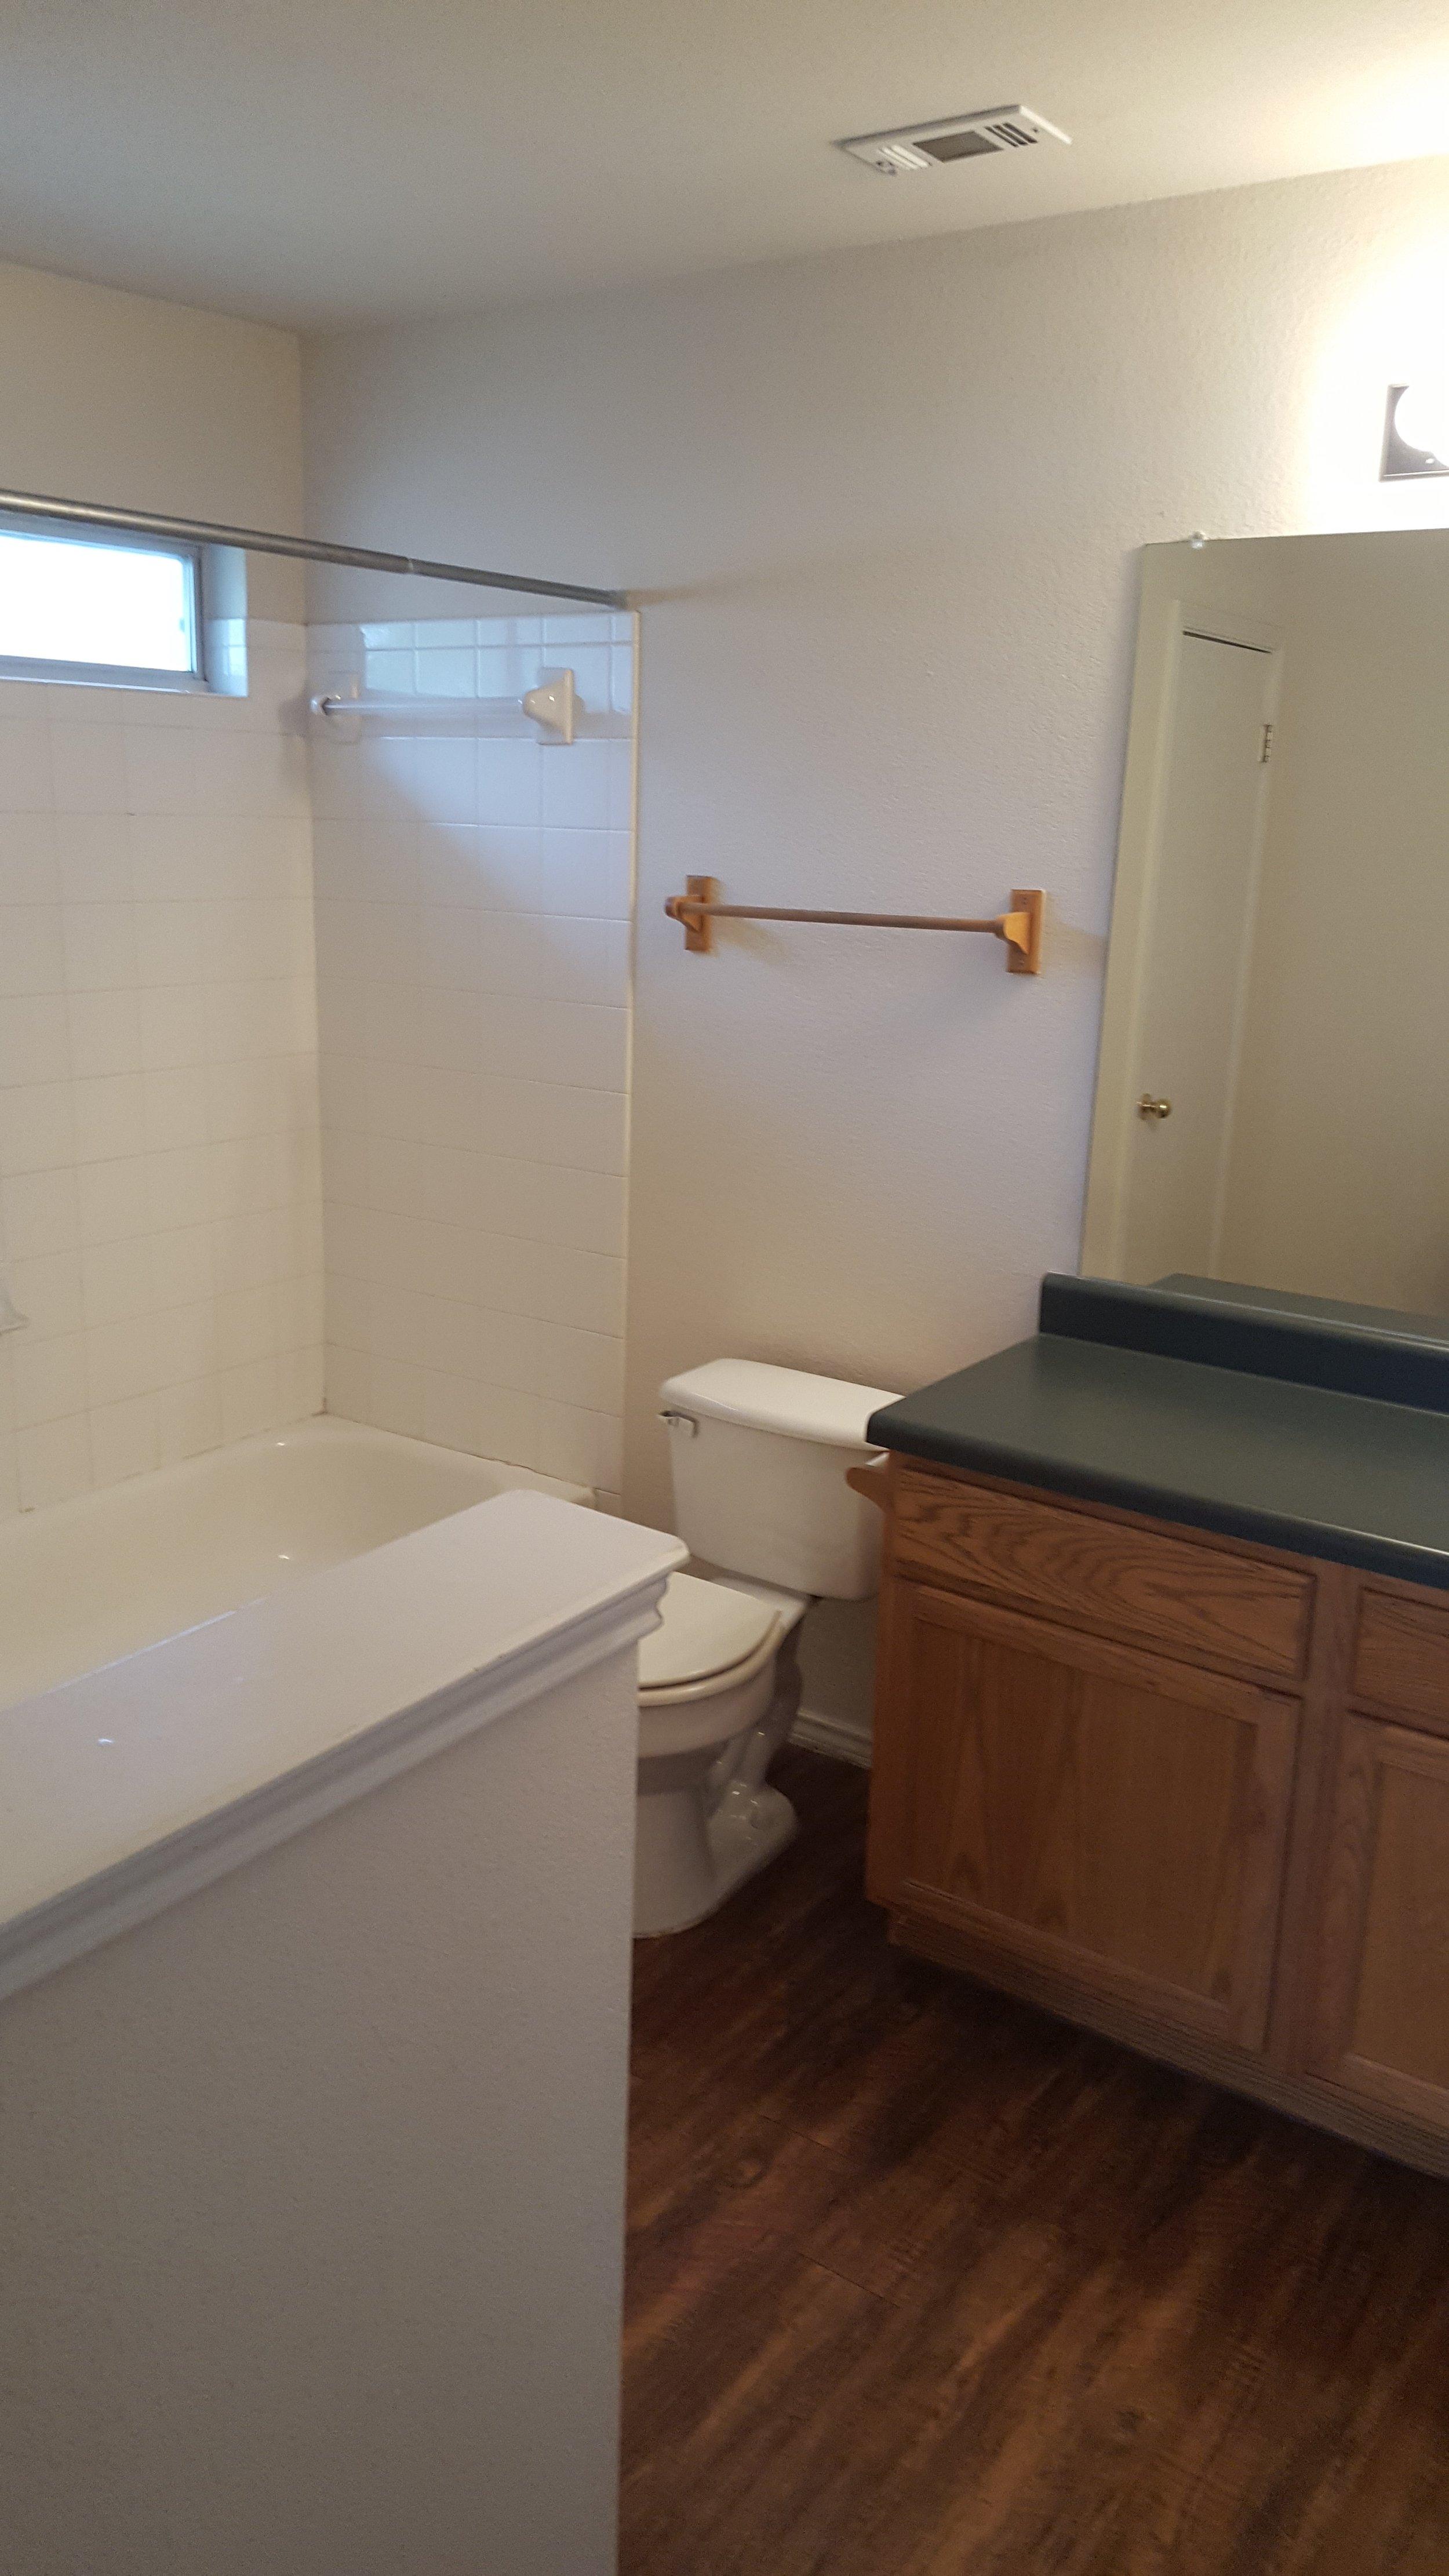 531 Britini Loop bathroom 2.jpg